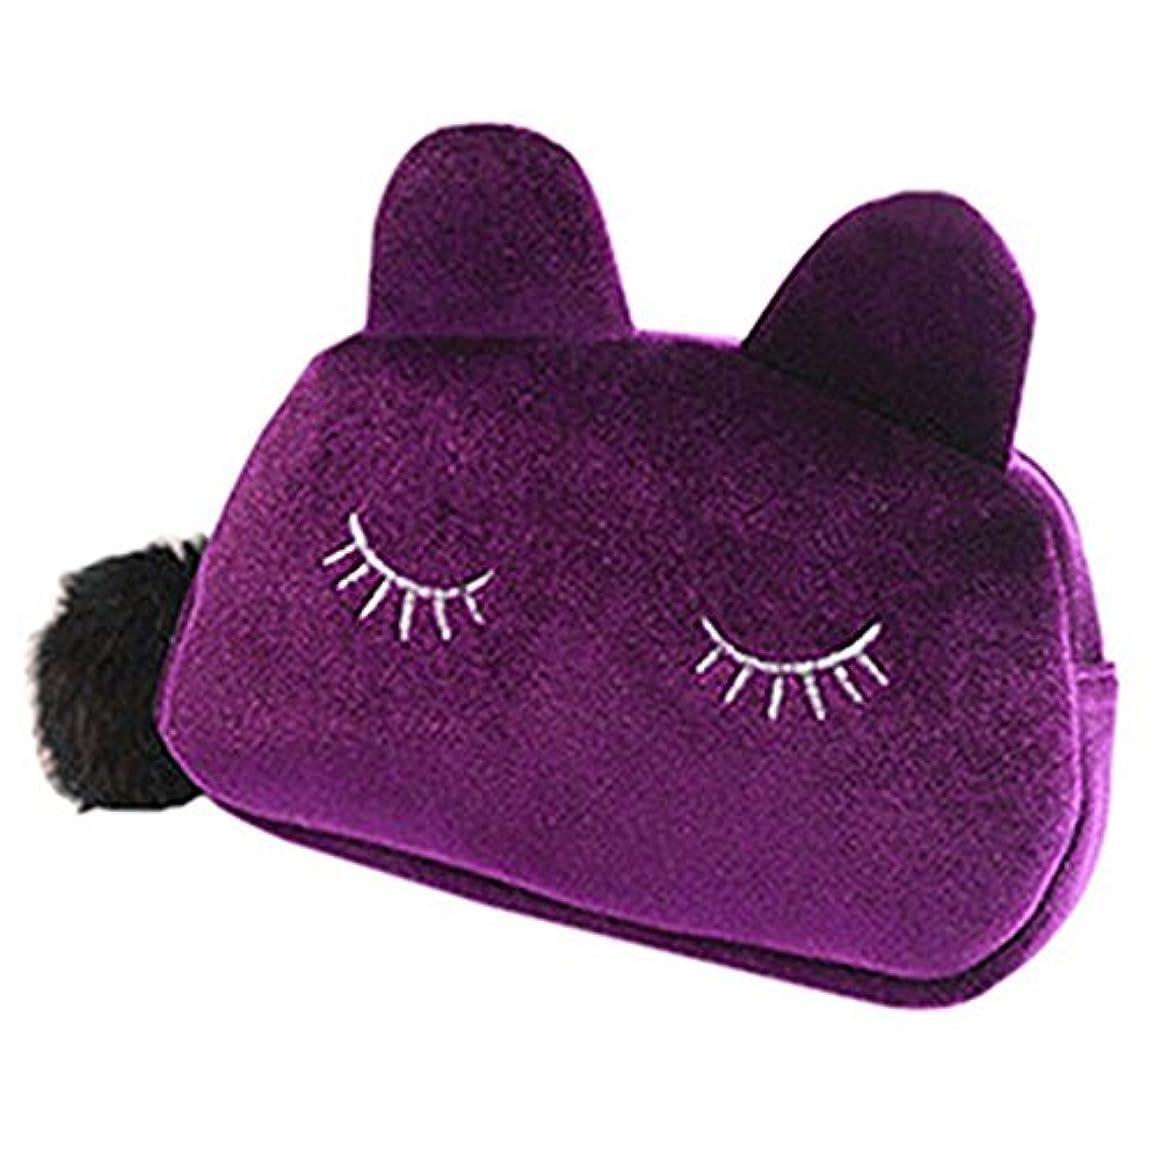 芽容量関連付ける猫耳 化粧 コスメ ポーチ 小物入れ ペンケース かわいい 猫 ねこ にゃんこ メイクポーチ レディース